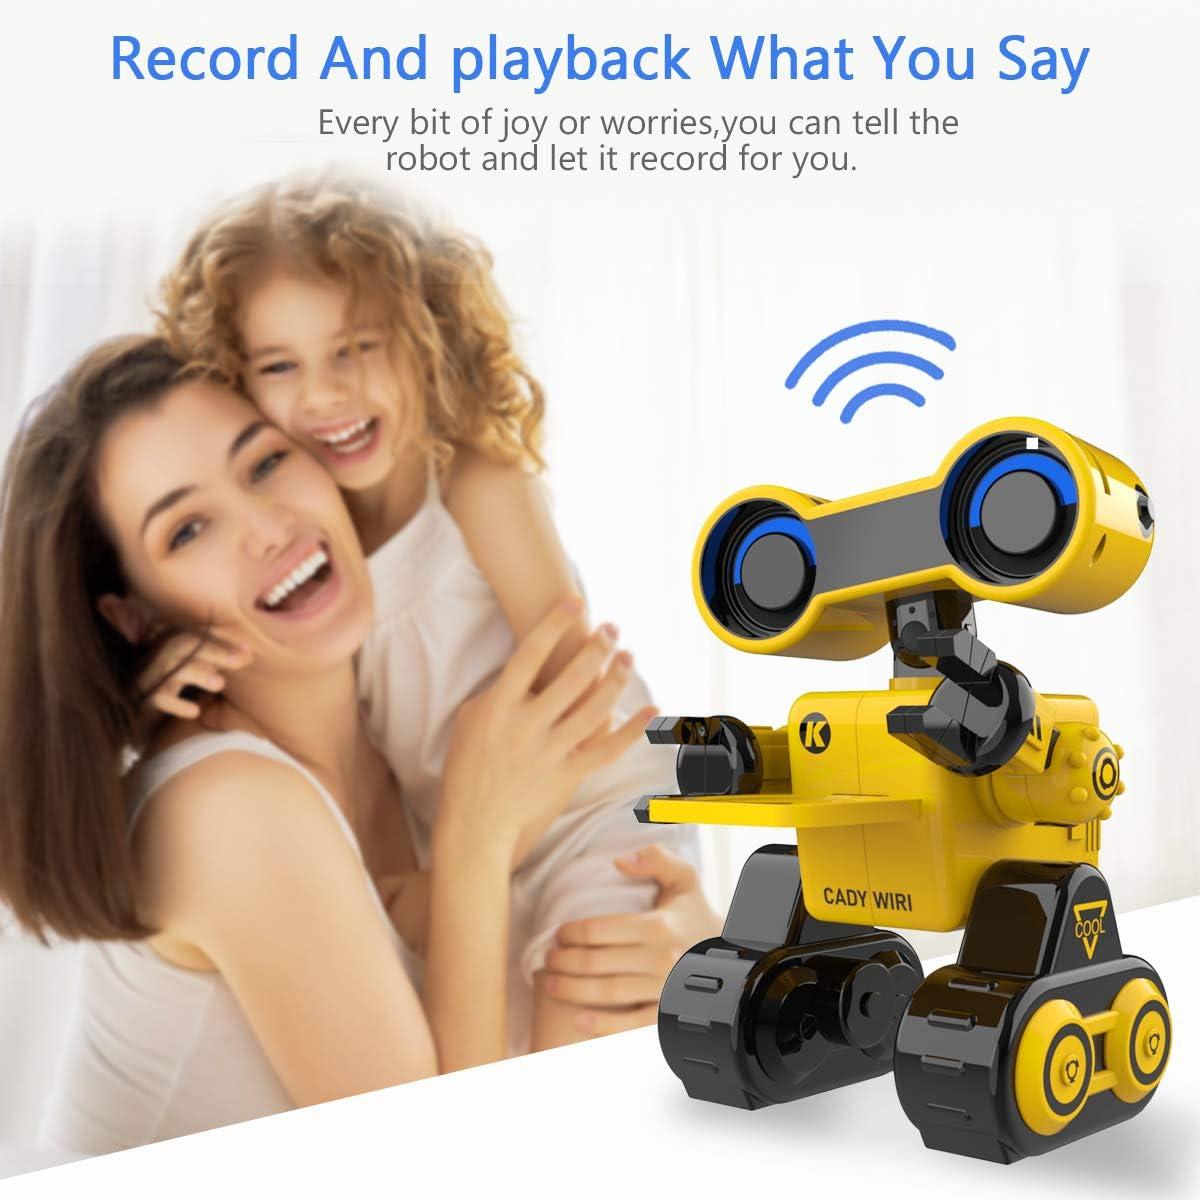 Jouet Robot RC pour Enfants Chant Robot de Commande tactile et Vocale /à distance Fournir des Conf/érences Scientifiques pour les Enfants Jaune Marche Robot Programmable avec Fonction de Danse